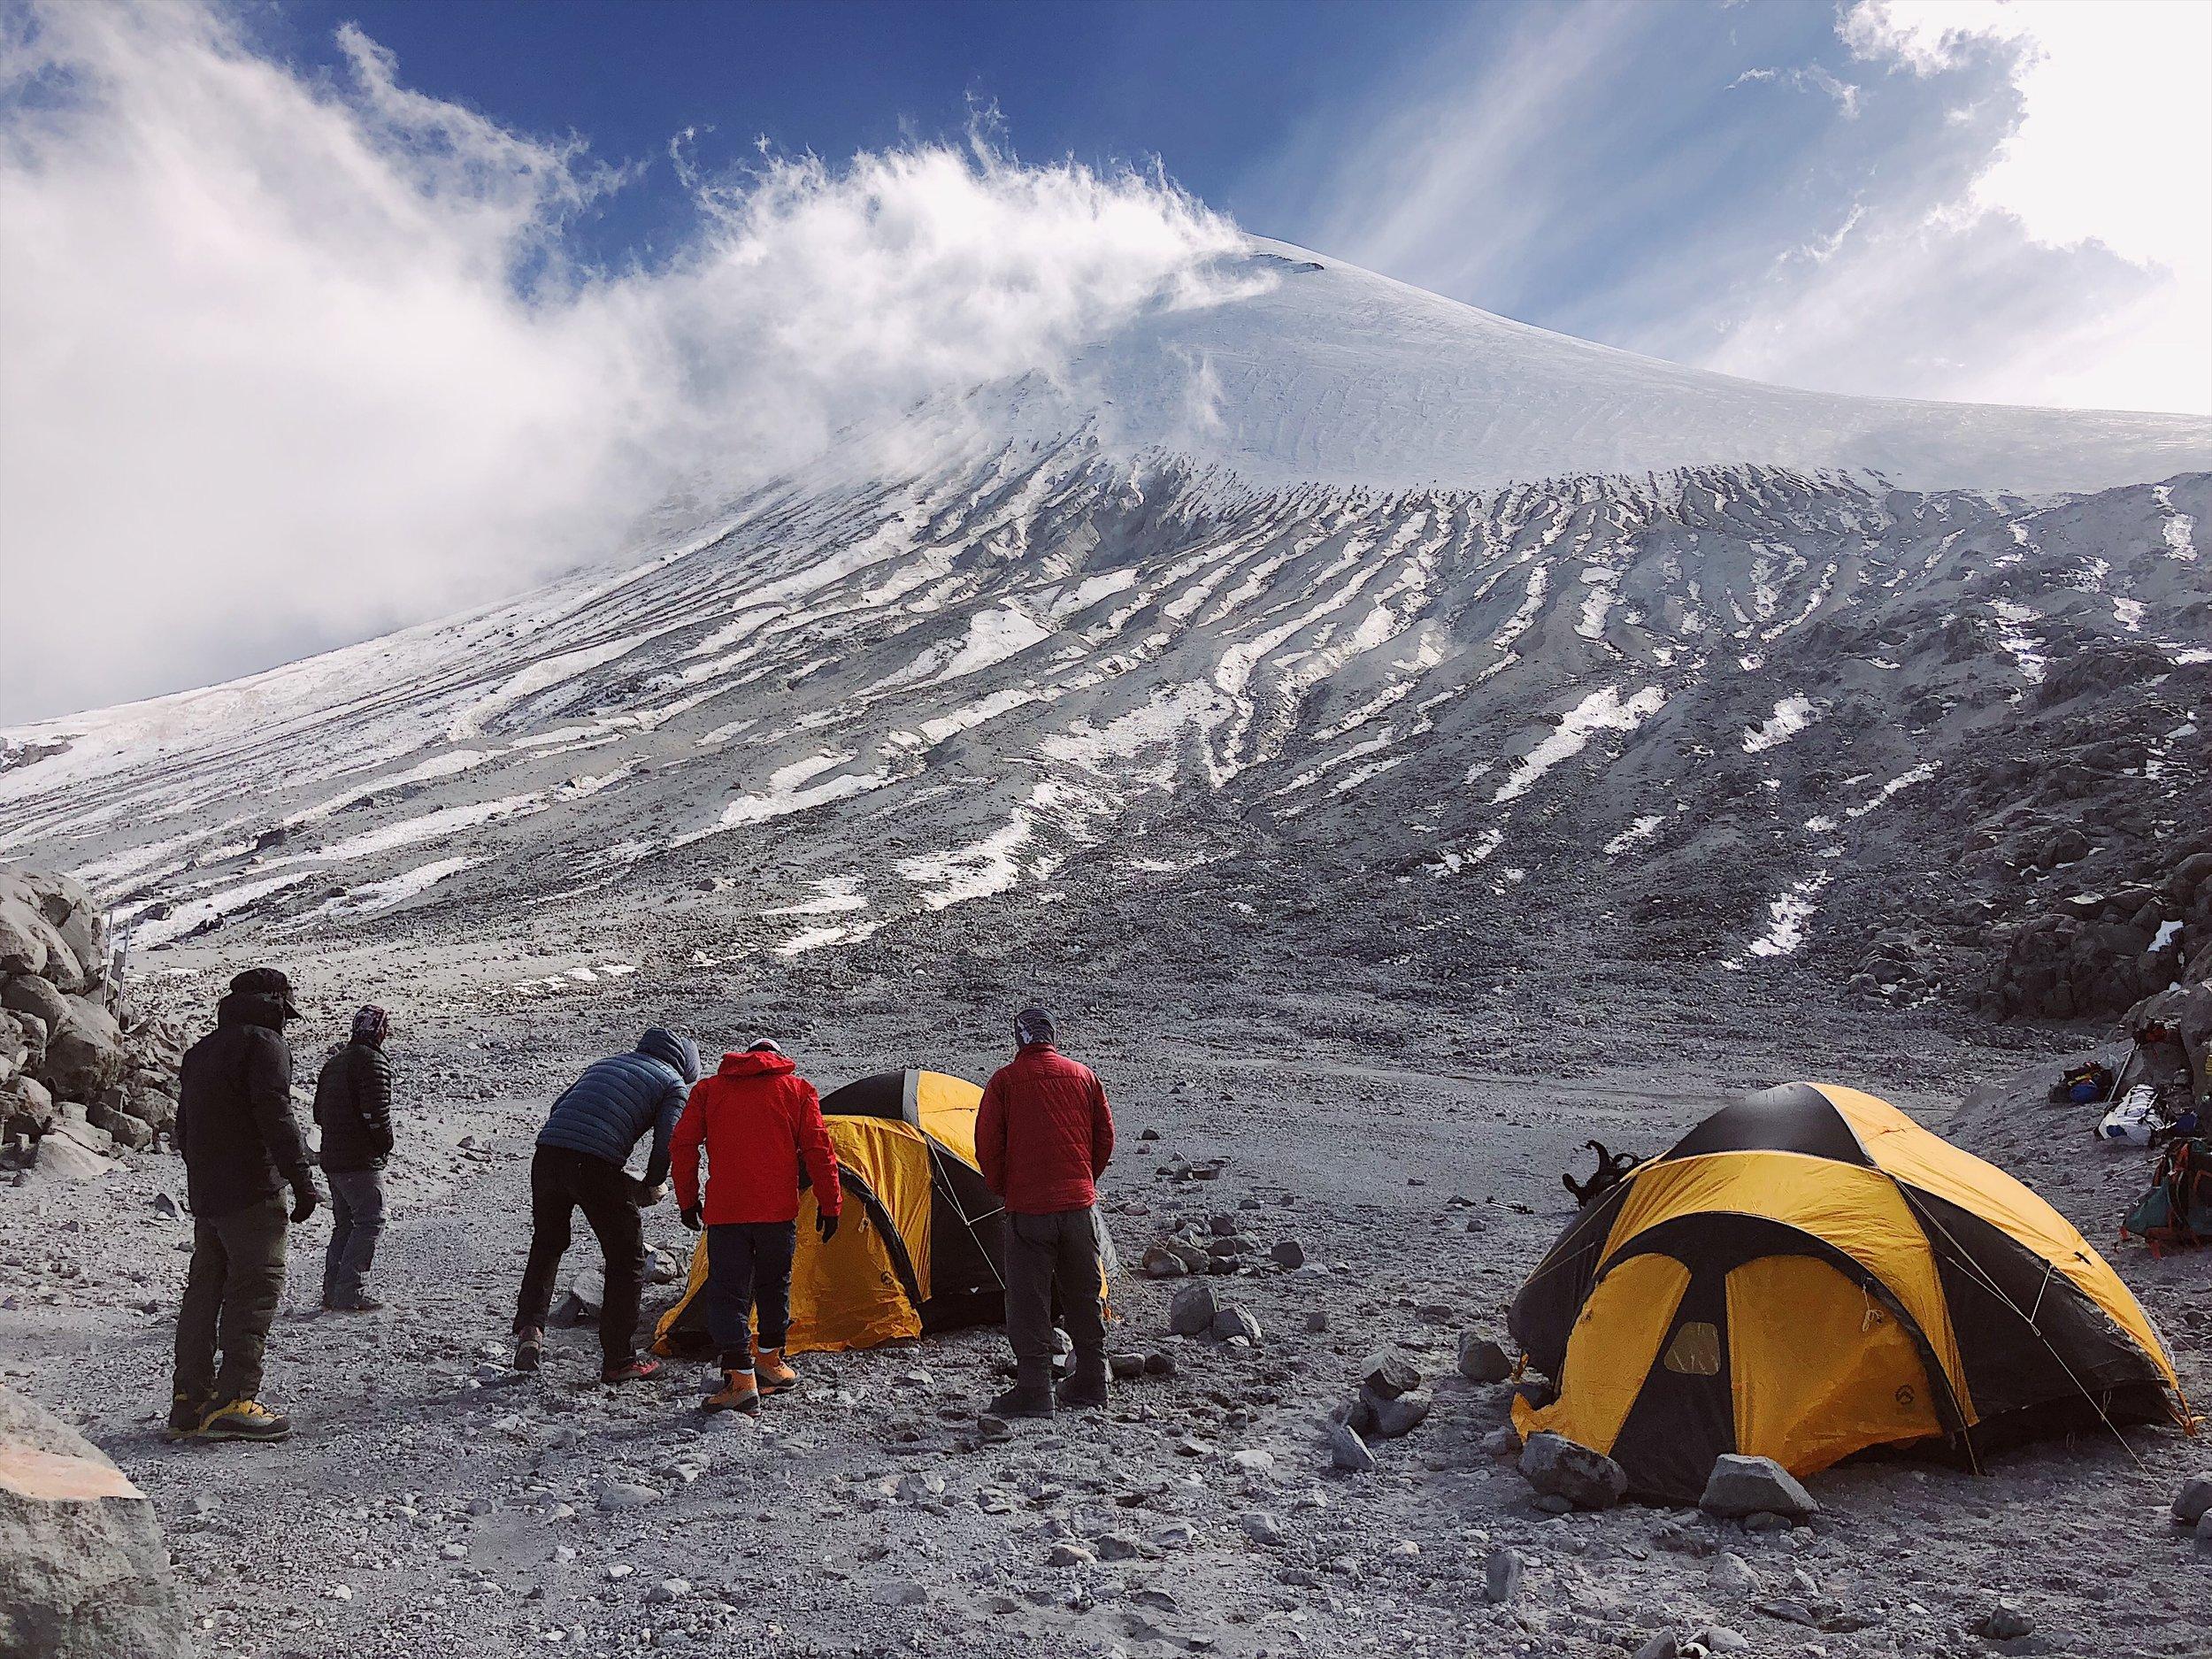 High camp on Pico de Orizaba